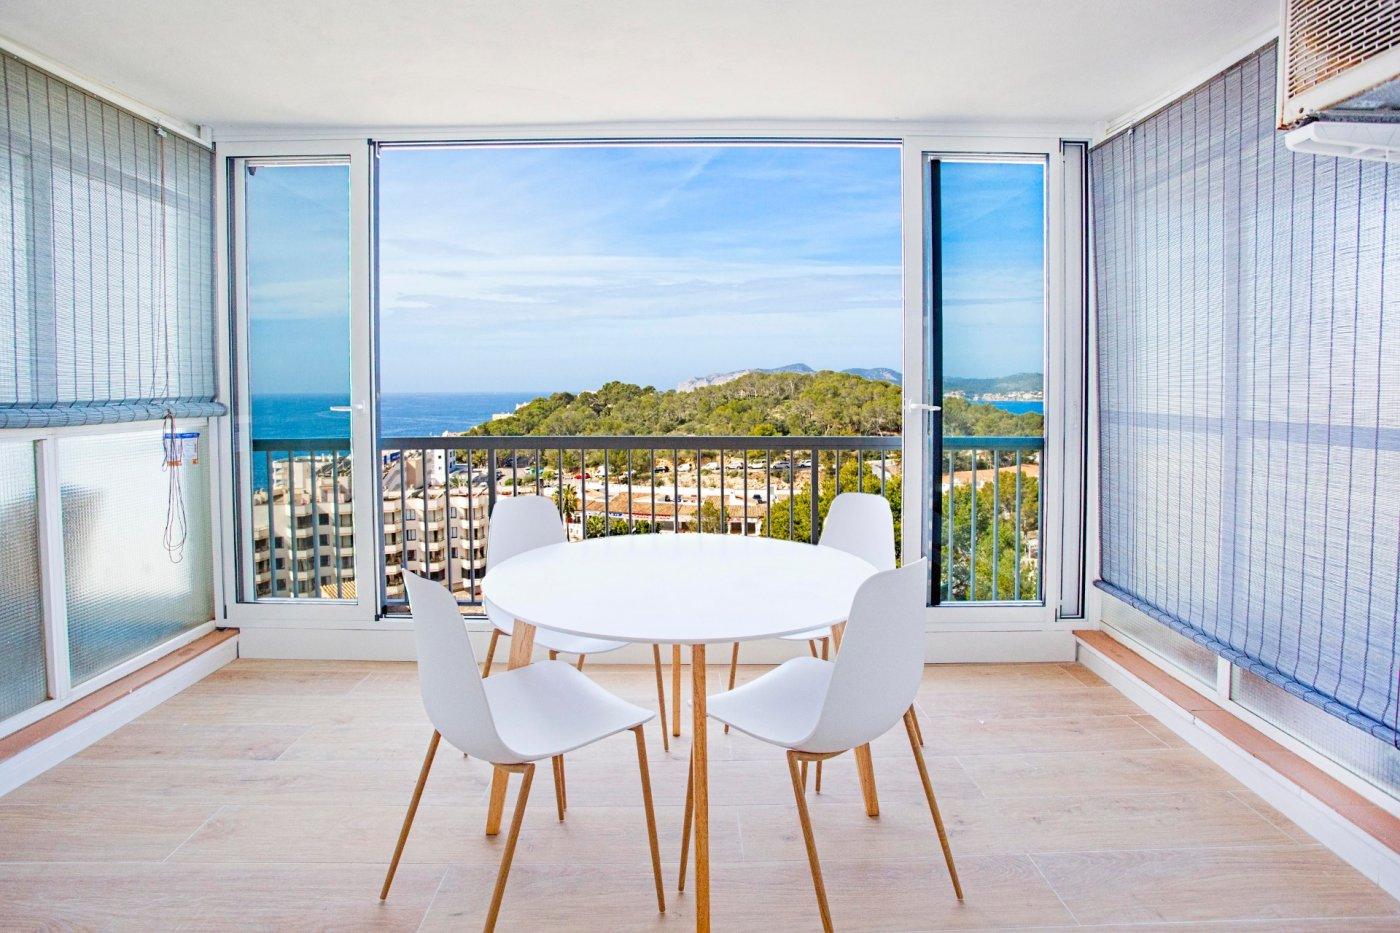 Precioso piso recién reformado con vistas al mar panorámicas